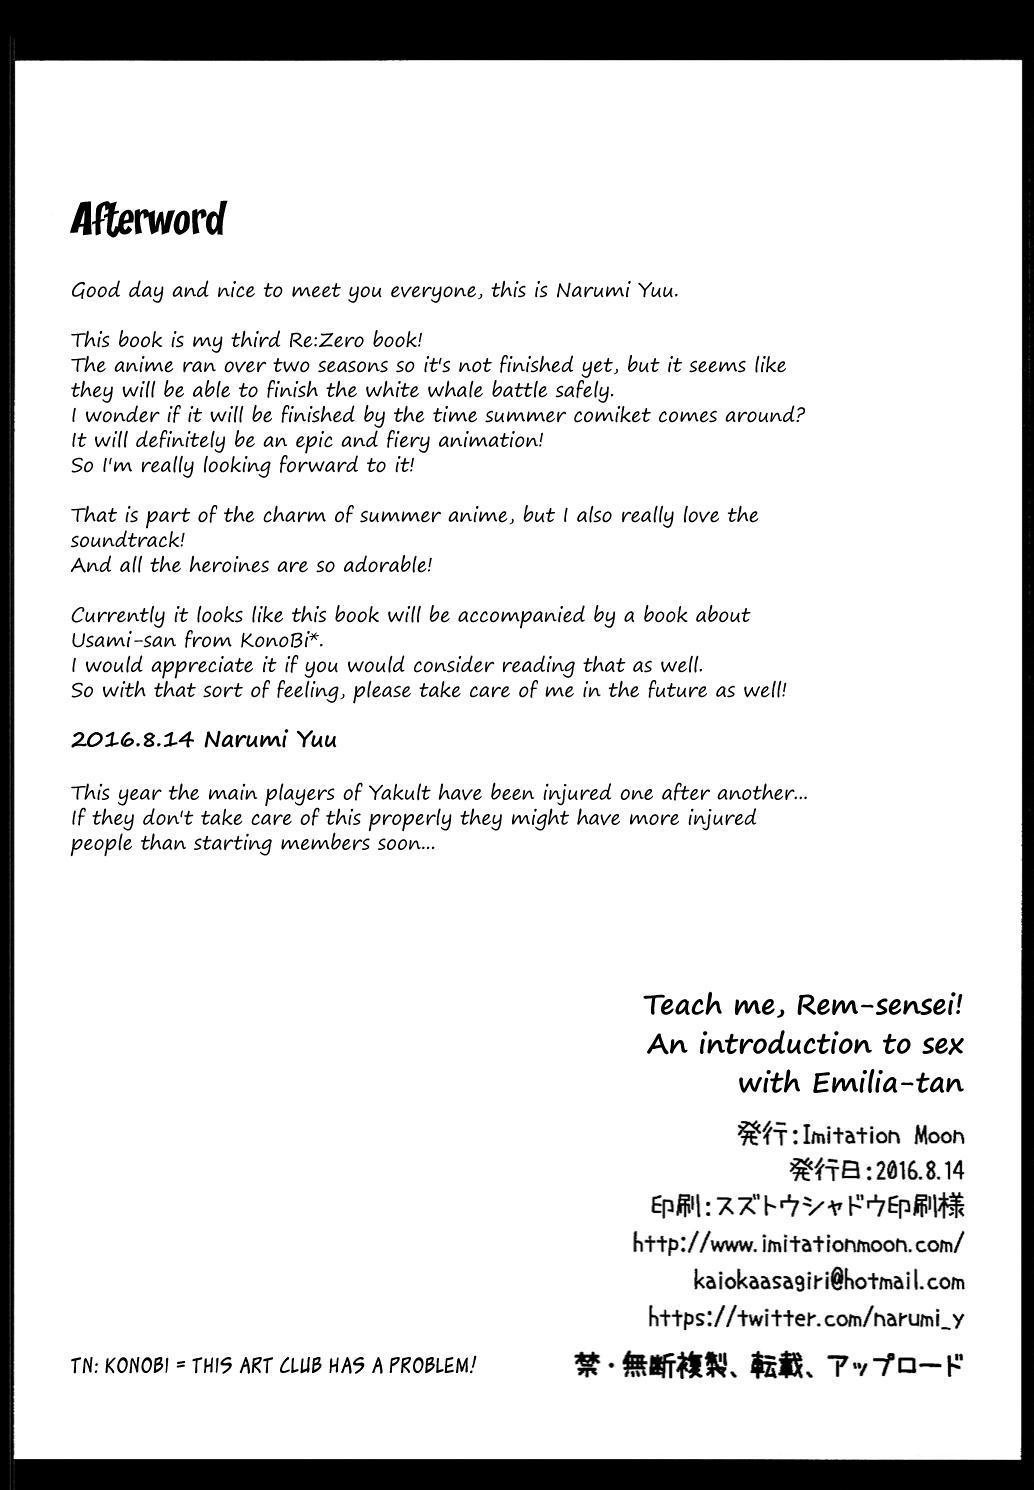 (C90) [Imitation Moon (Narumi Yuu)] Oshiete Rem Sensei - Emilia-tan to Manabu Hajimete no SEX | Teach me, Rem-sensei! An introduction to sex with Emilia-tan (Re:Zero kara Hajimeru Isekai Seikatsu) [English] [EHCOVE] 20